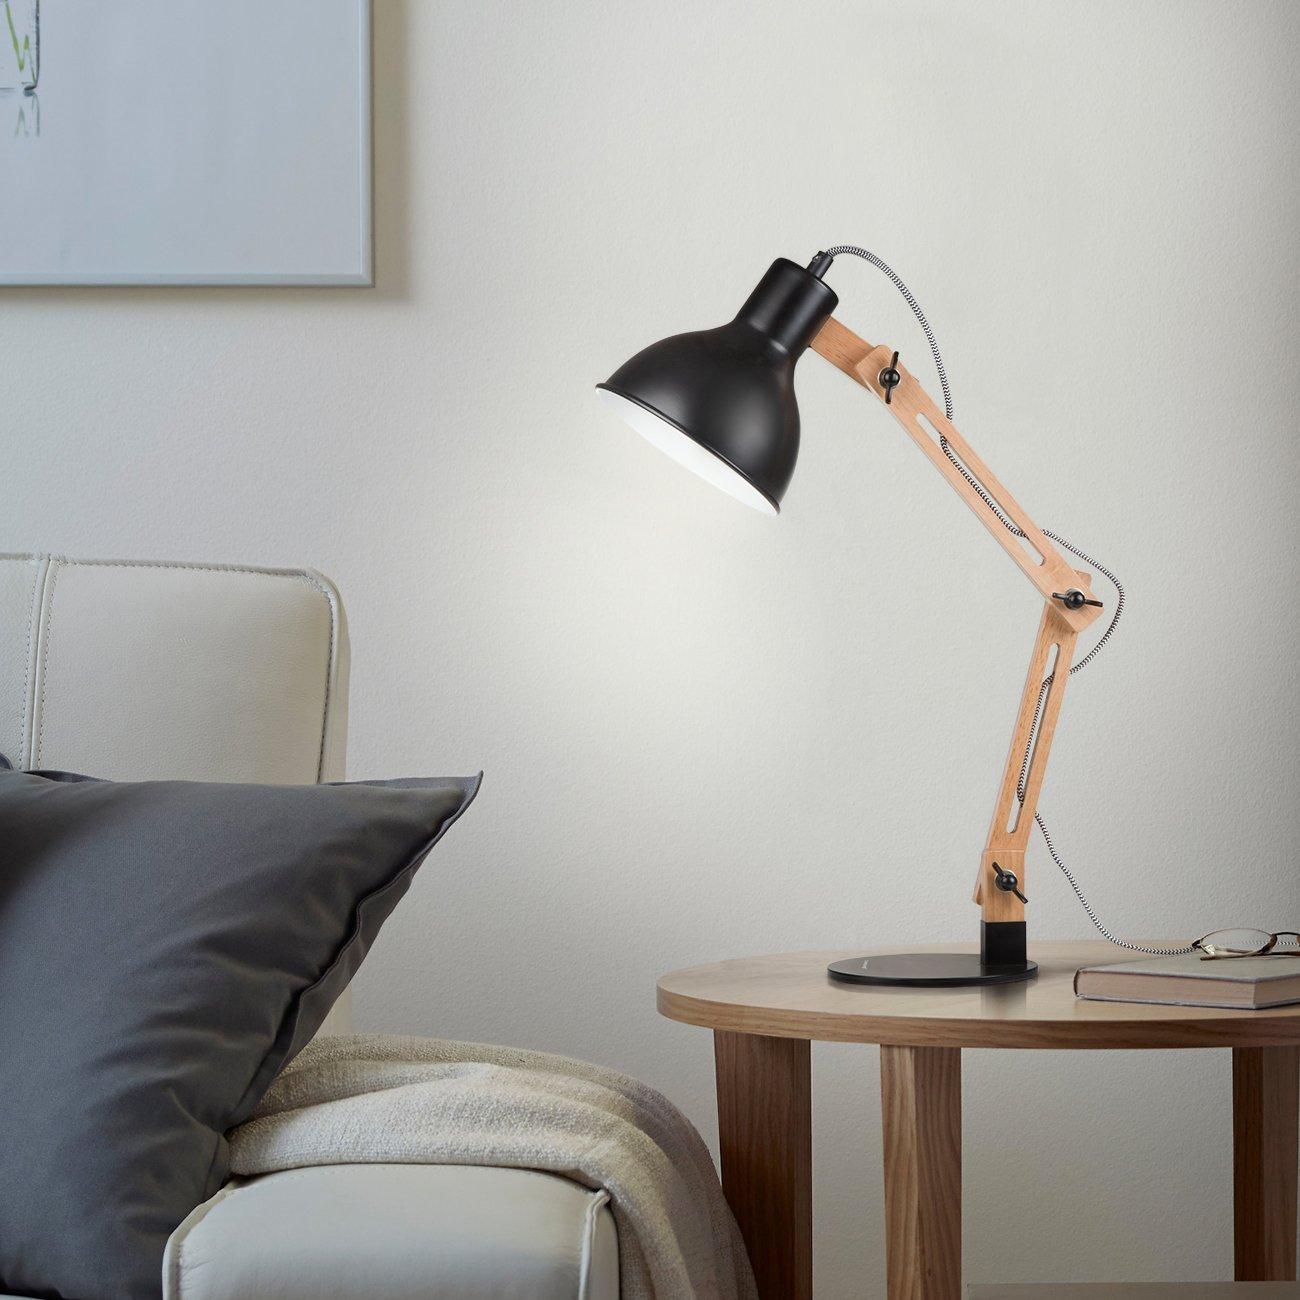 Lampada stile Luxo con struttura in legno e metallo: solo oggi a ...